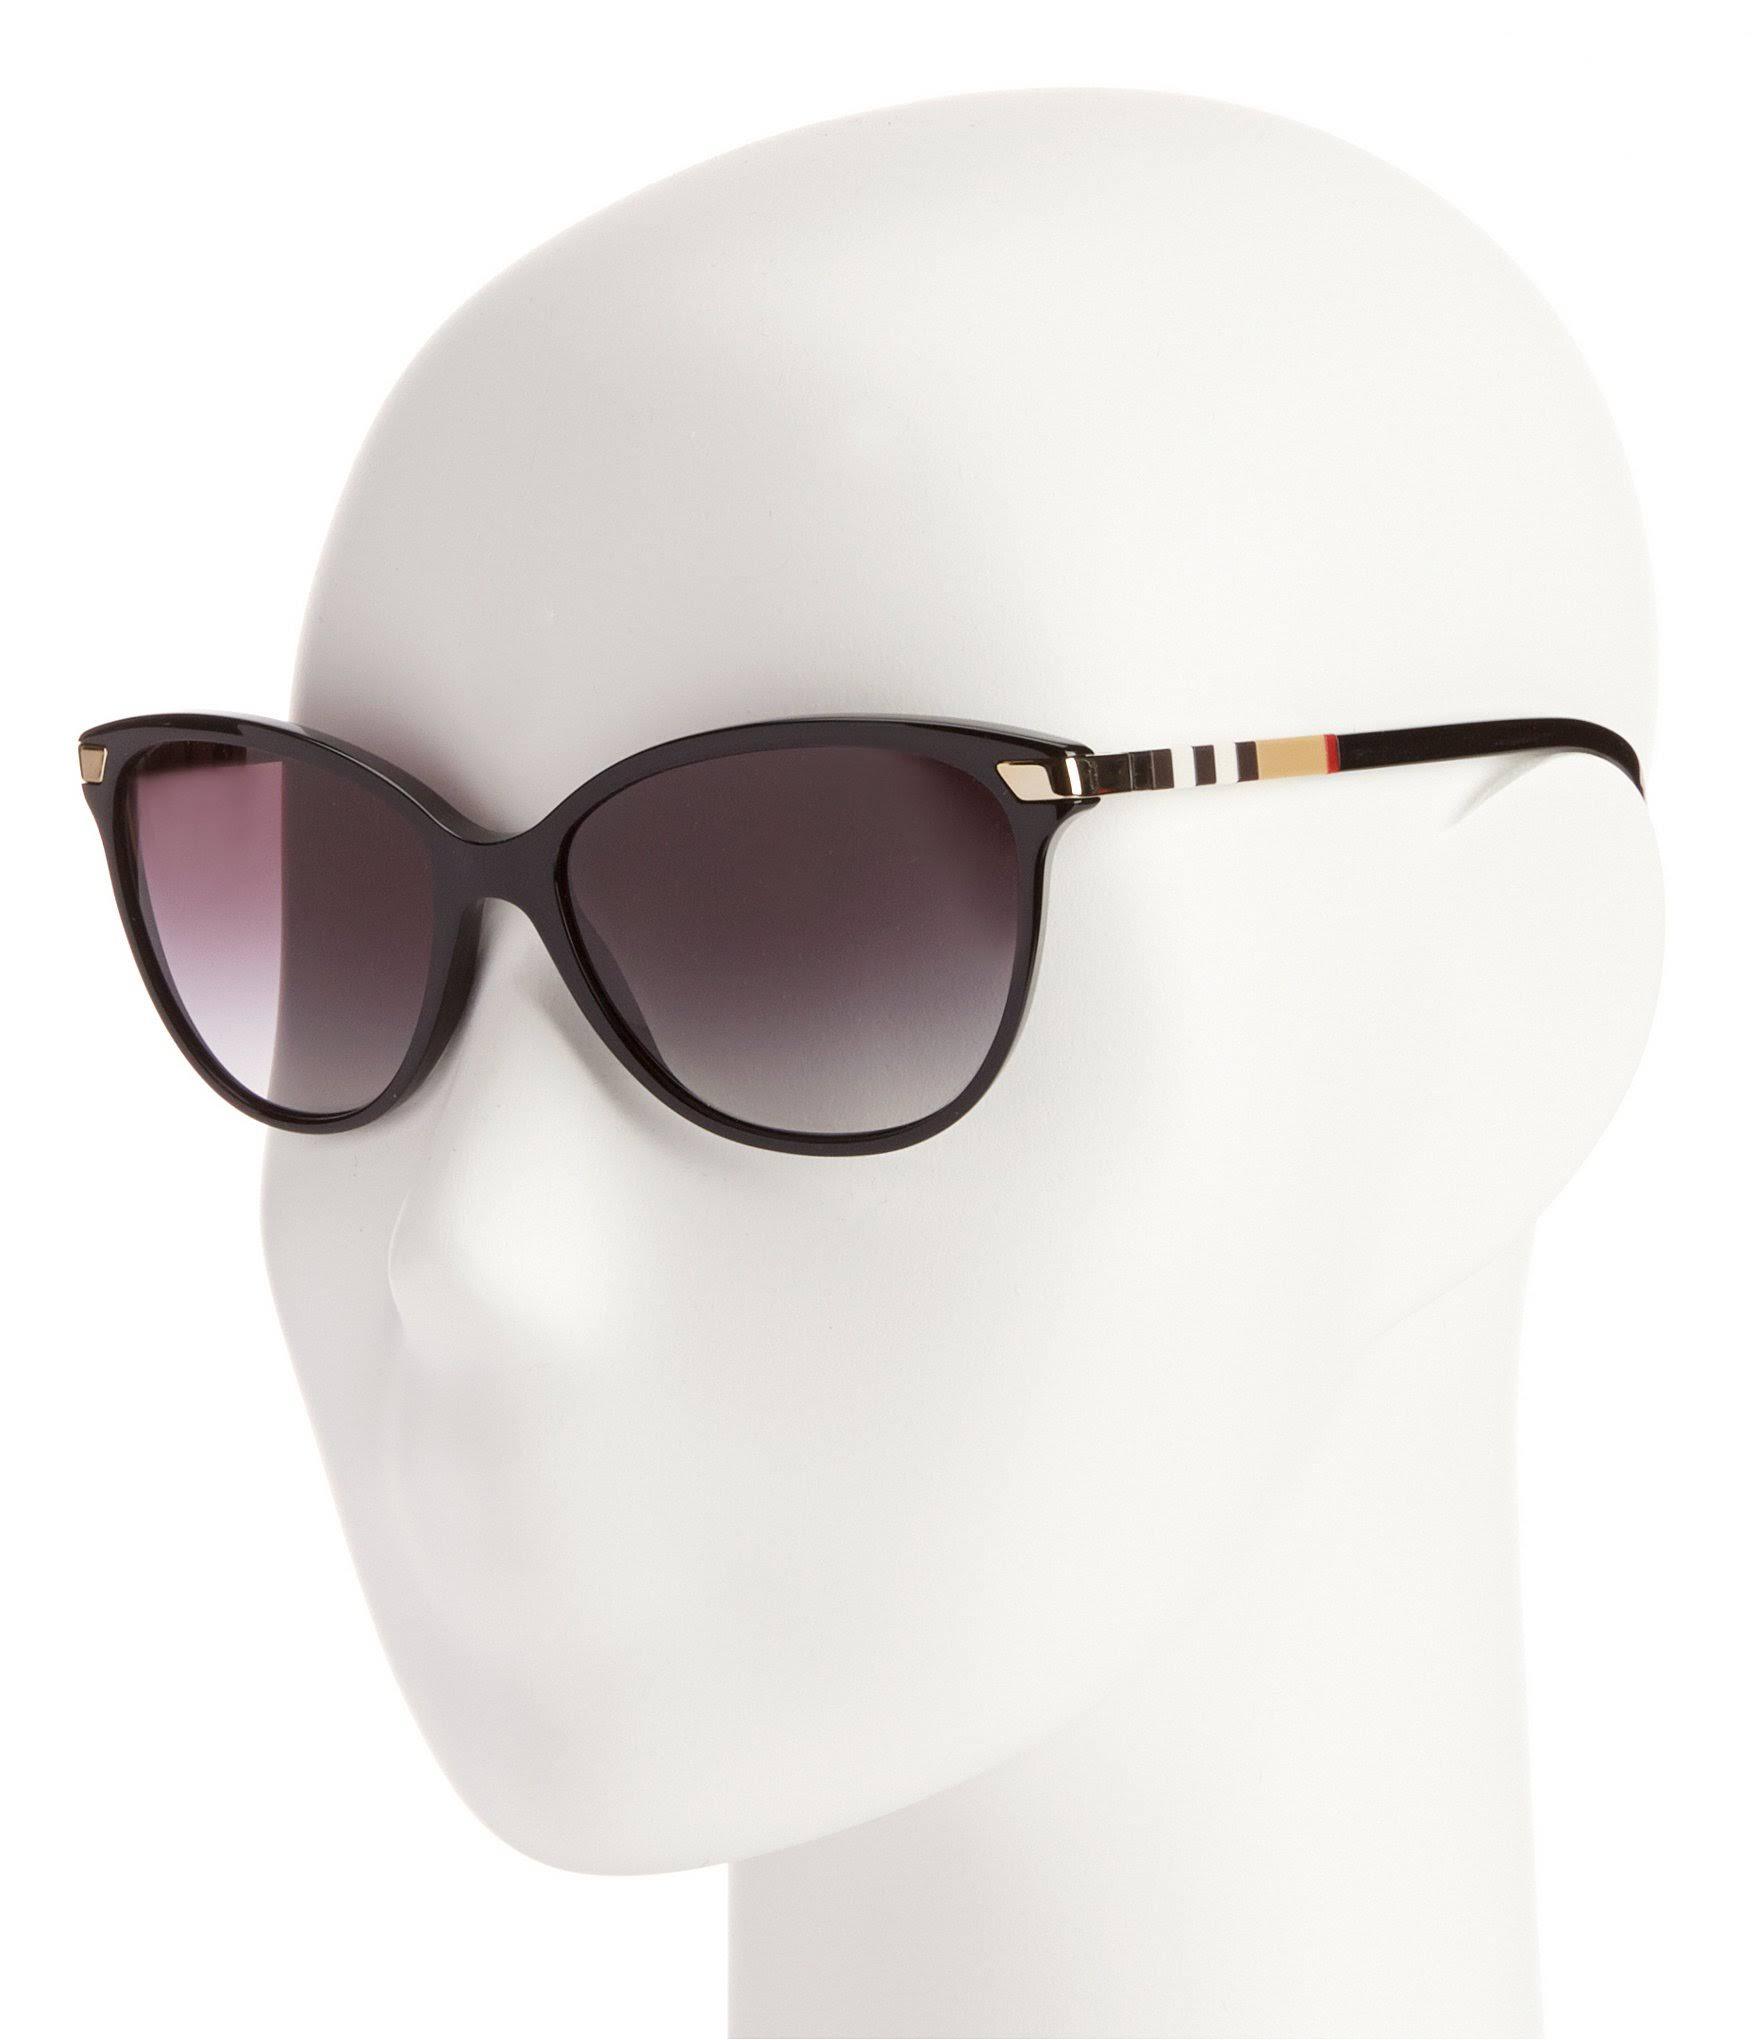 neraLenti grigie da Be4216 Reg42 BurberryMontatura sole della sfumate Occhiali L4Rjc5q3A